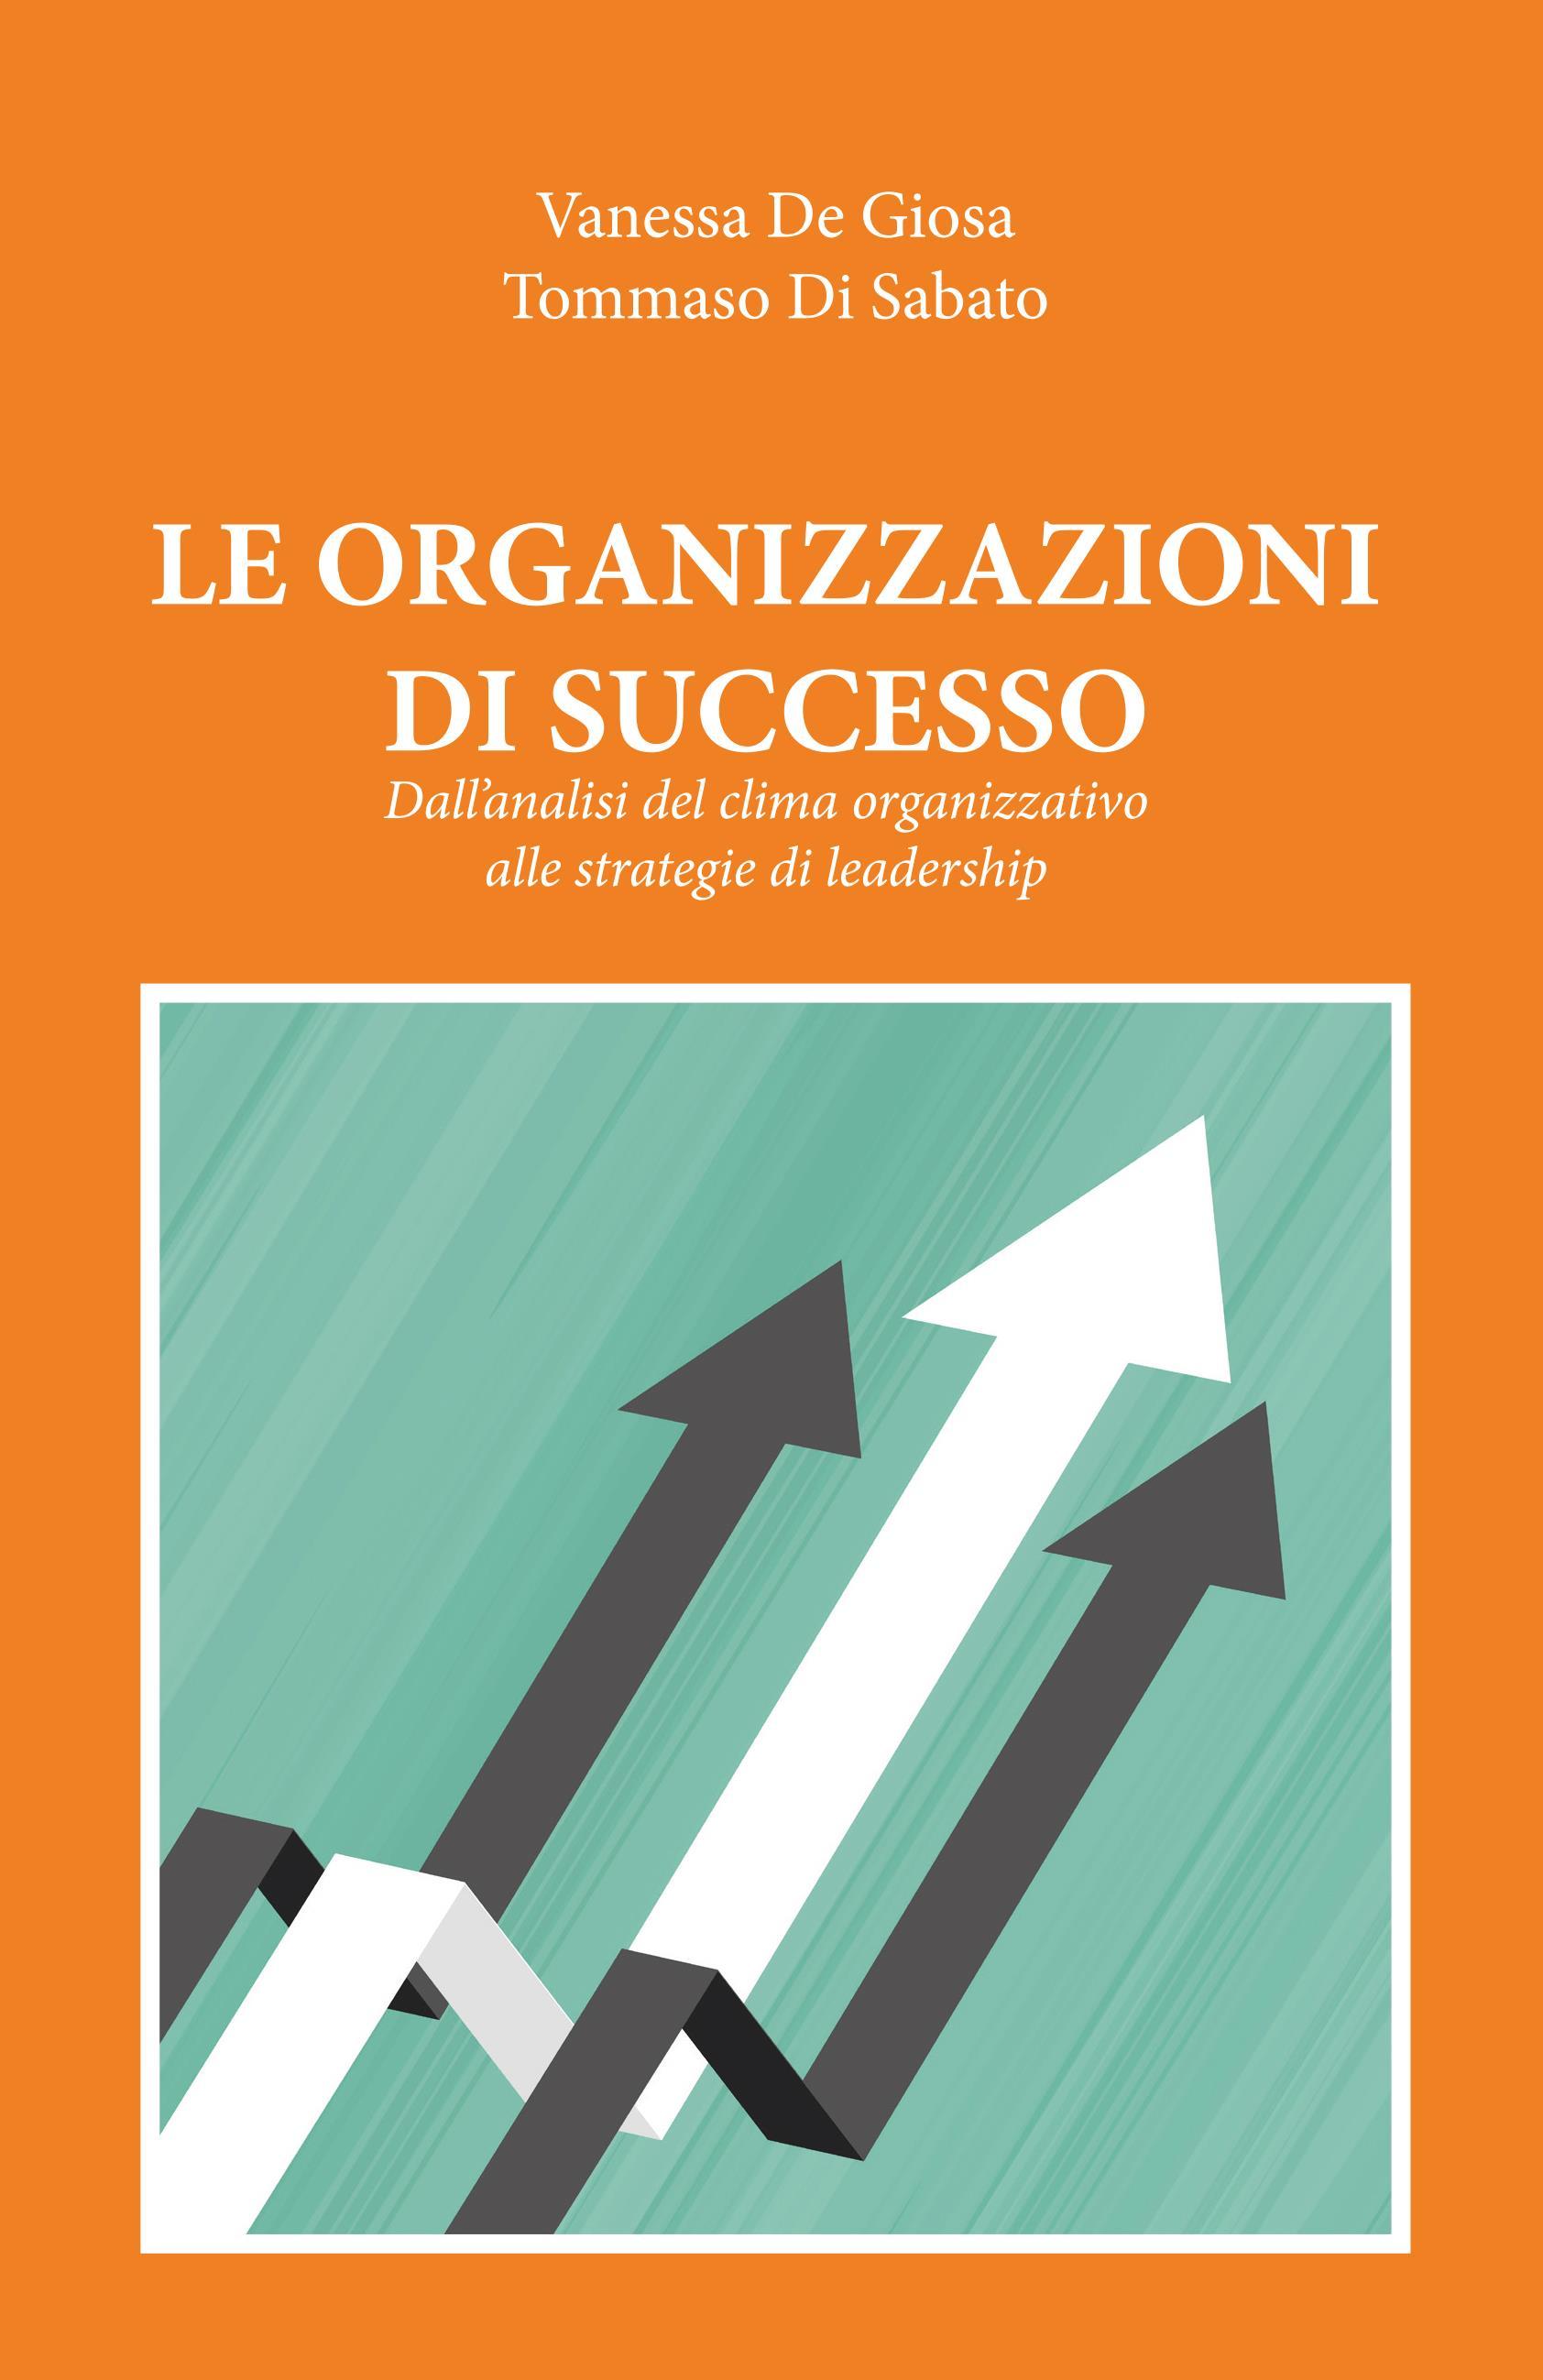 LE ORGANIZZAZIONI DI SUCCESSO. Dall'analisi del clima organizzativo alle strategie di leadership